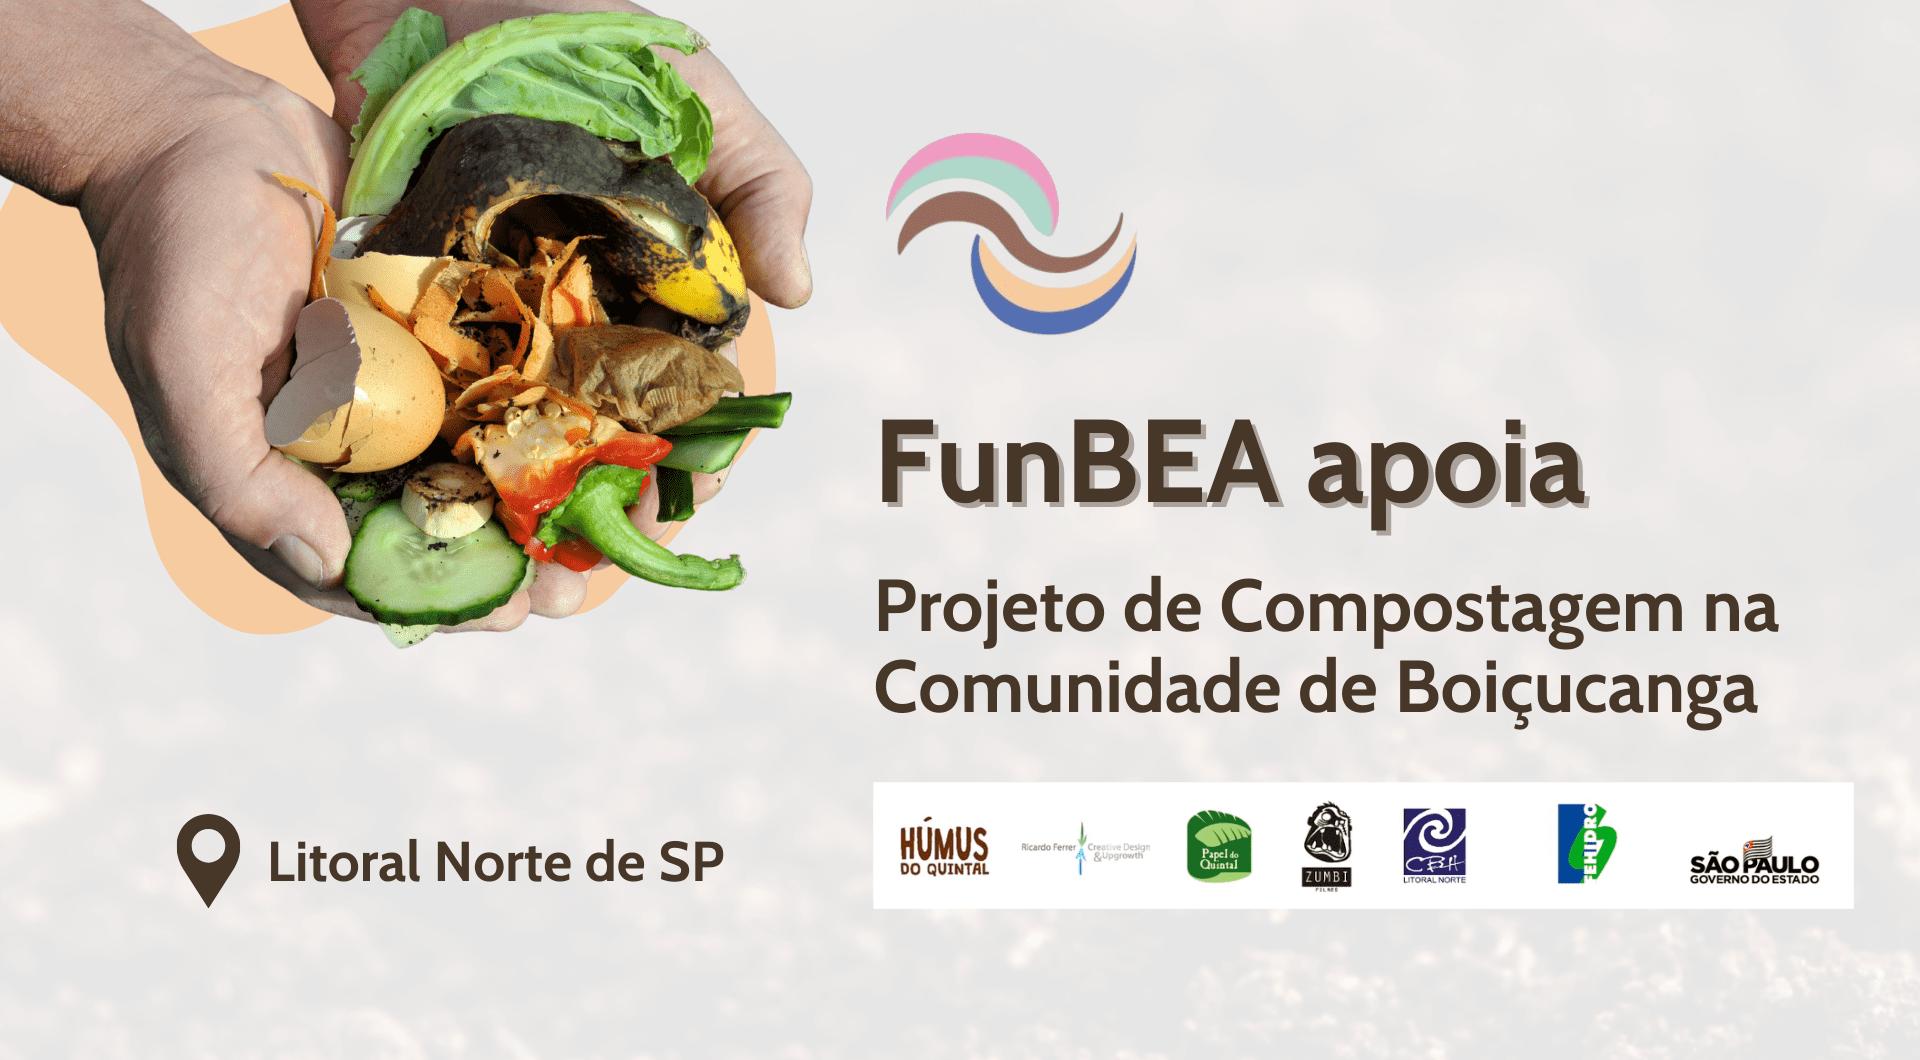 FunBEA APOIA PROJETO DE COMPOSTAGEM NA COMUNIDADE DE BOIÇUCANGA, LITORAL NORTE DE SÃO PAULO